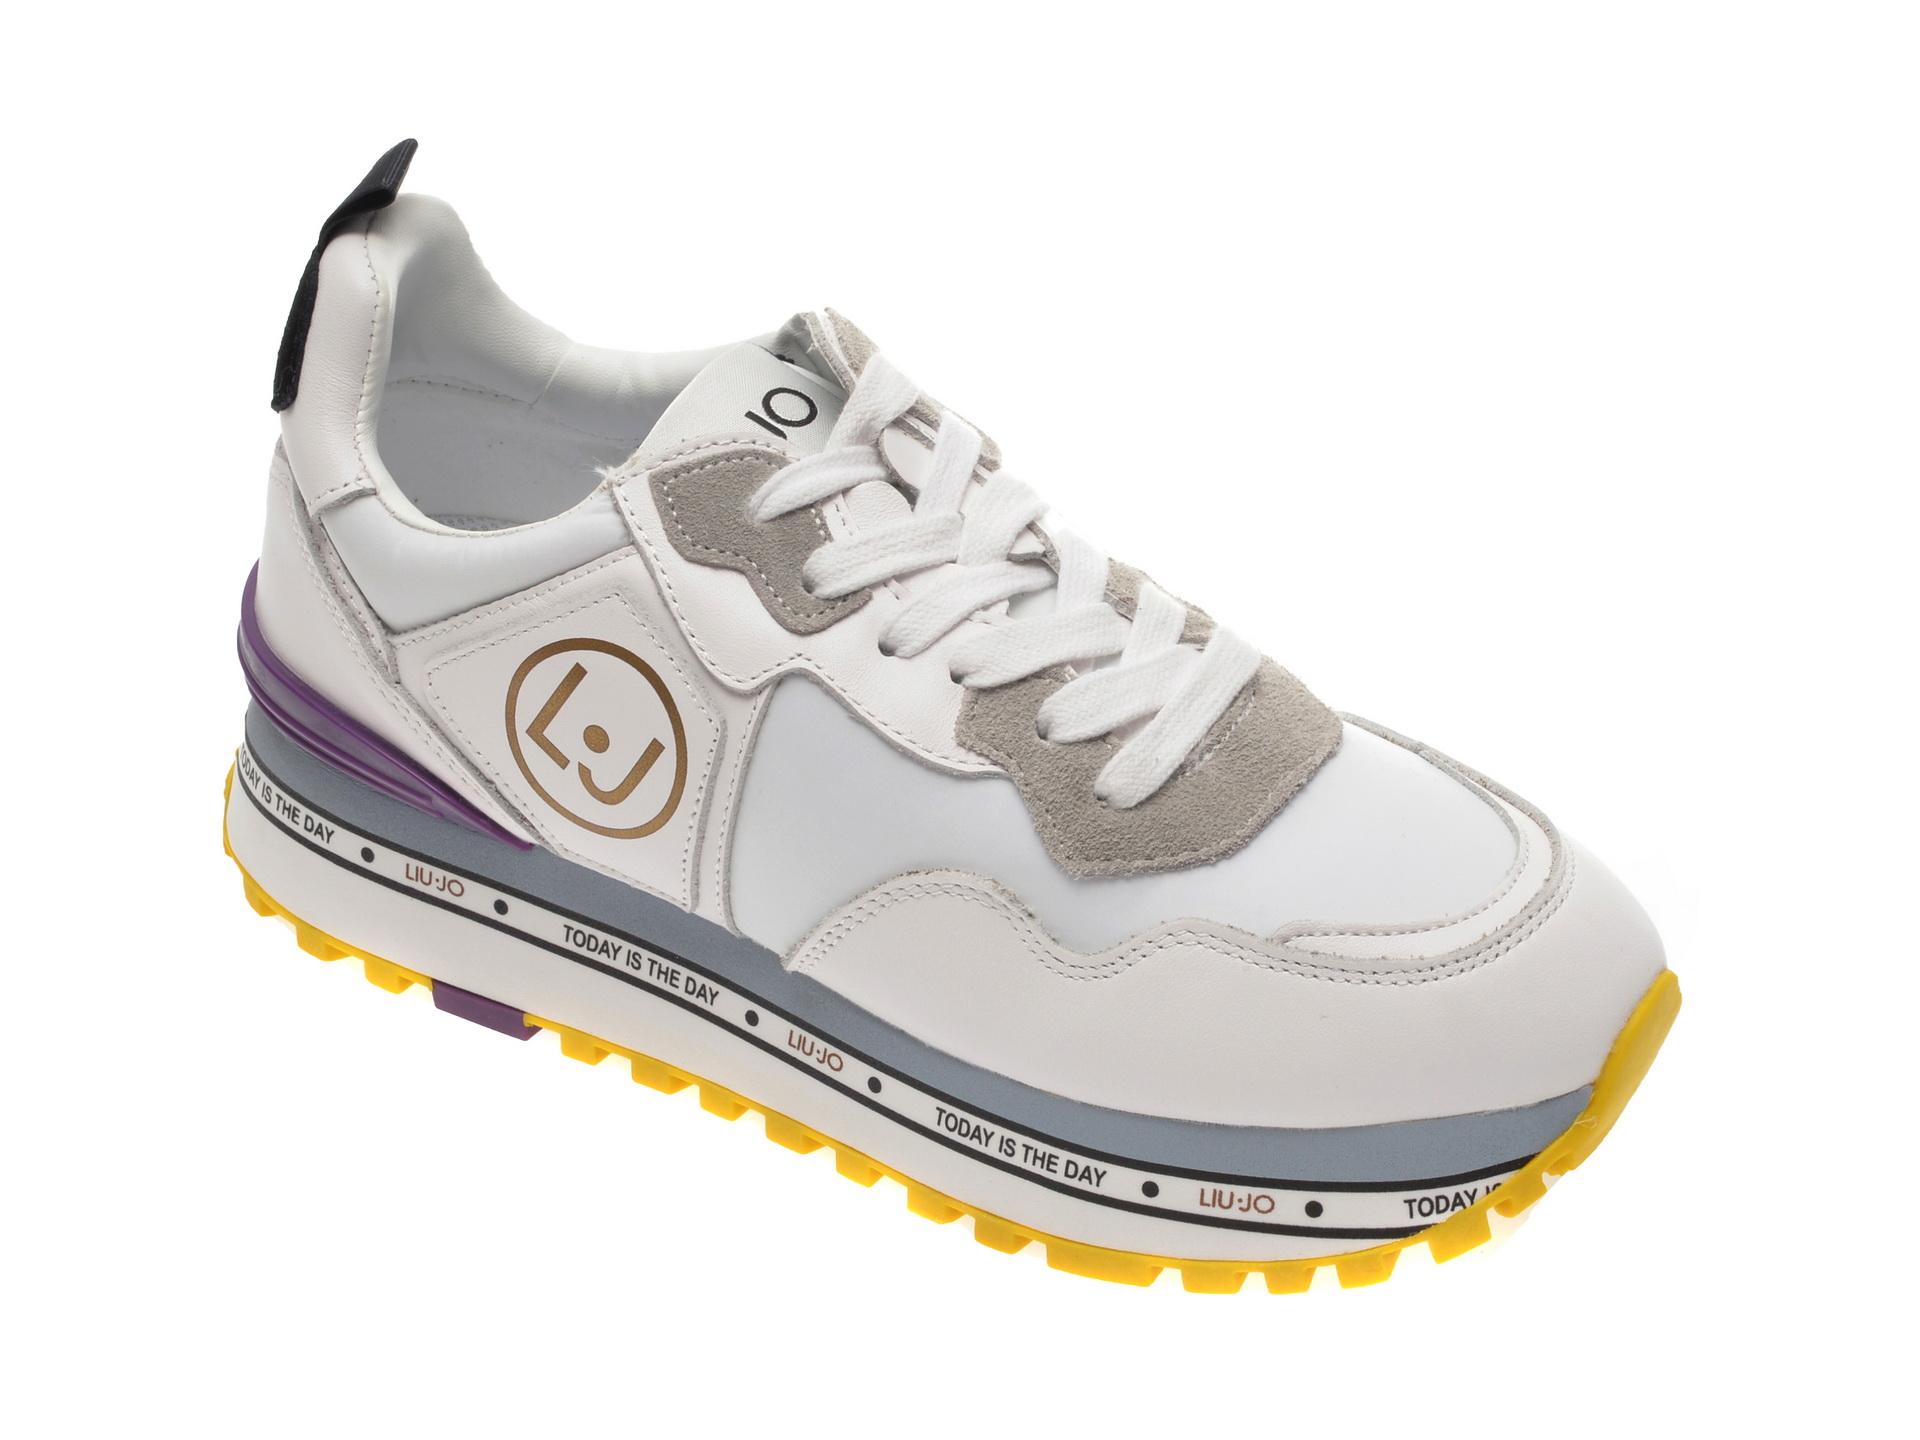 Pantofi sport LIU JO albi, Maxiale din material textil si piele ecologica